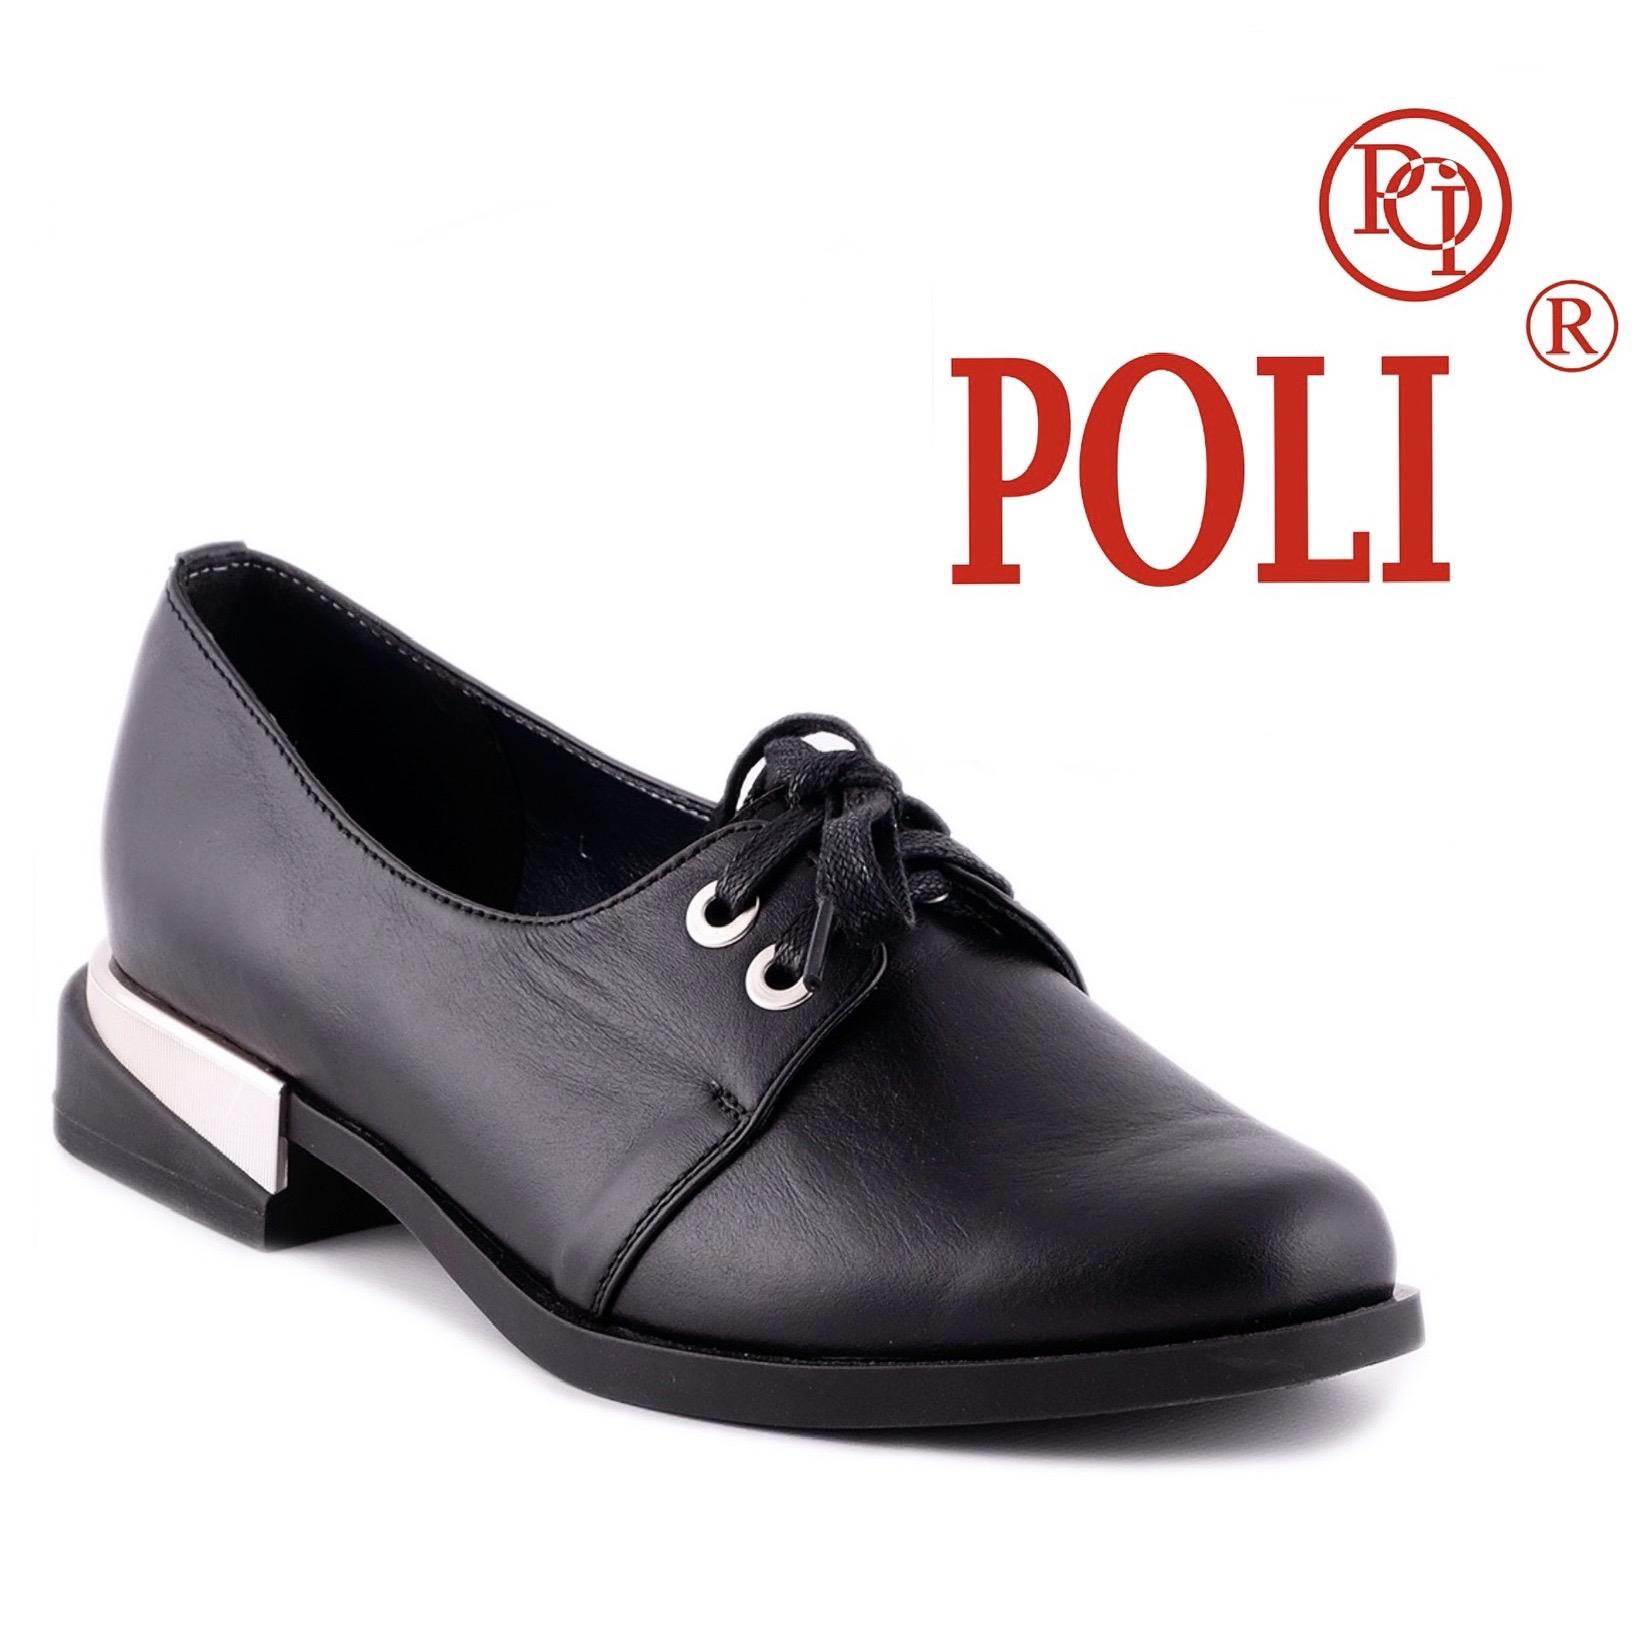 Женская обувь Poli фото